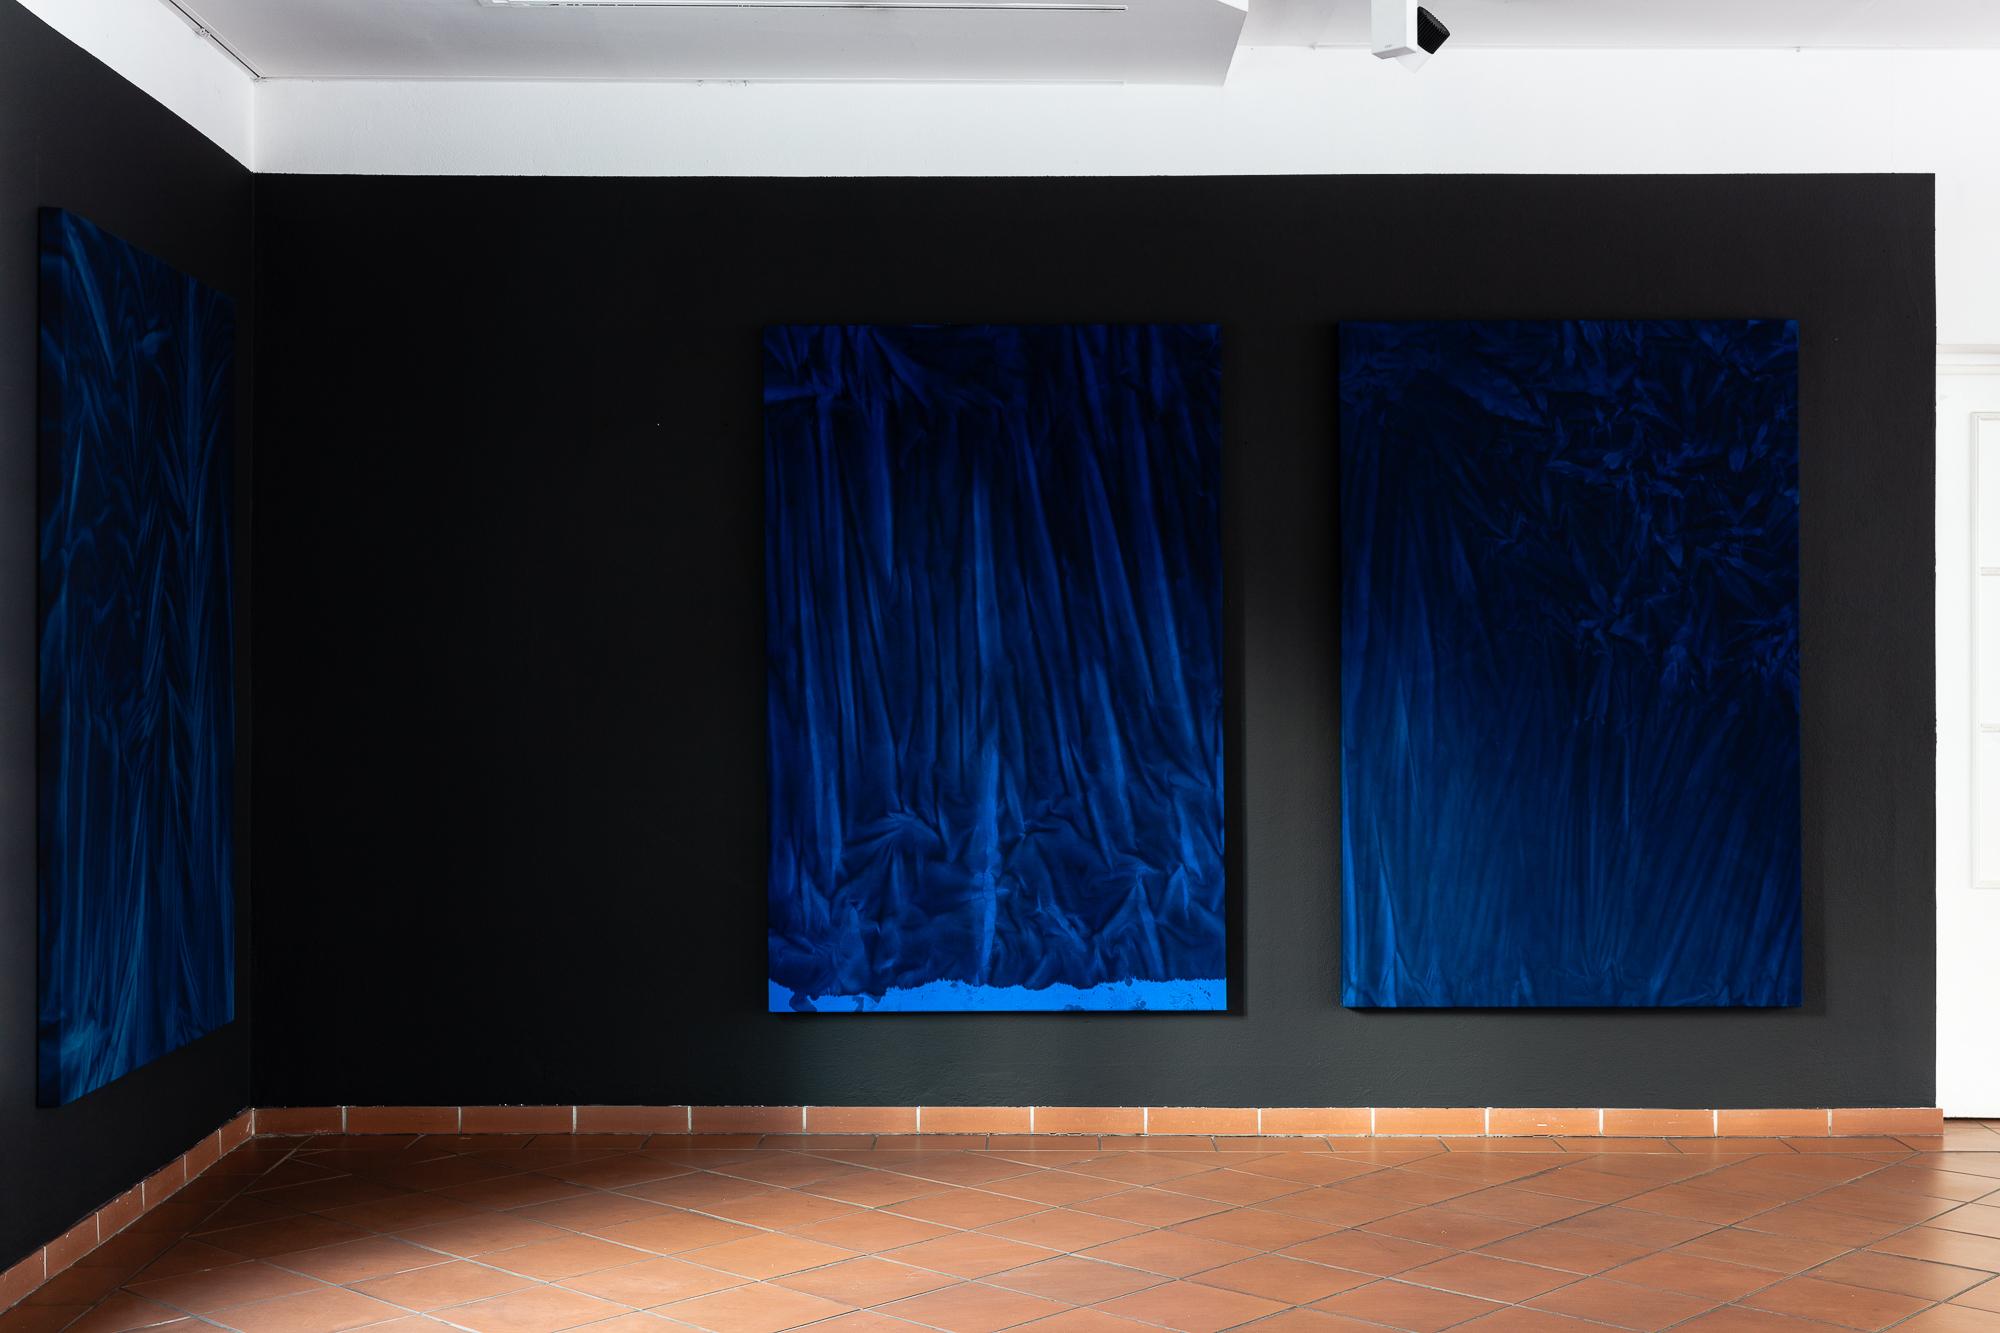 2019_03_05_Simon Iurino_Ausstellungsansichten_008_web.jpg